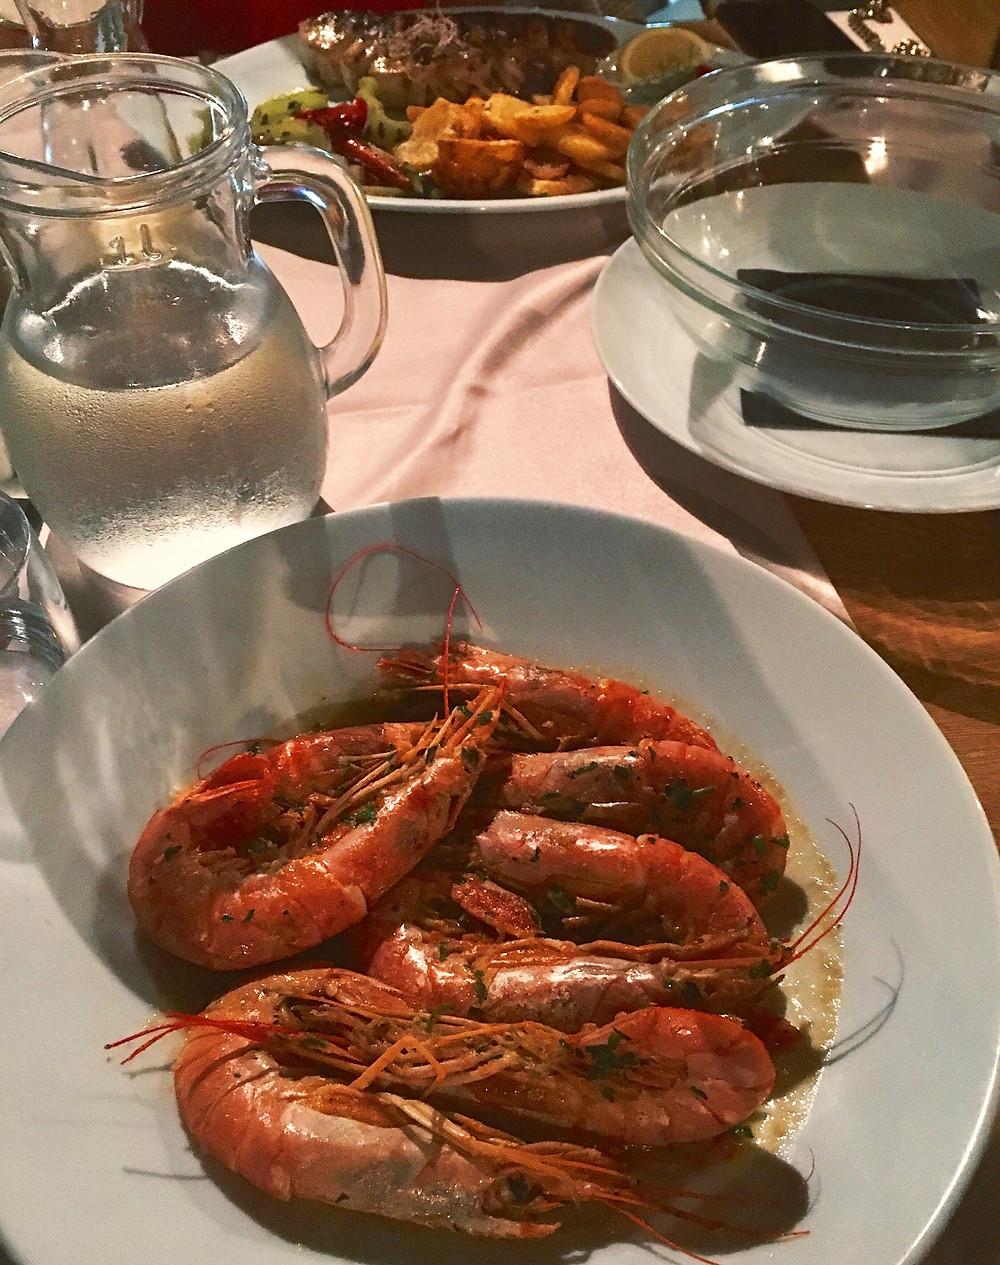 Buzara is traditional shrimp dish prepared in restaurant Kamena in Tucepi near Makarska in Croatia